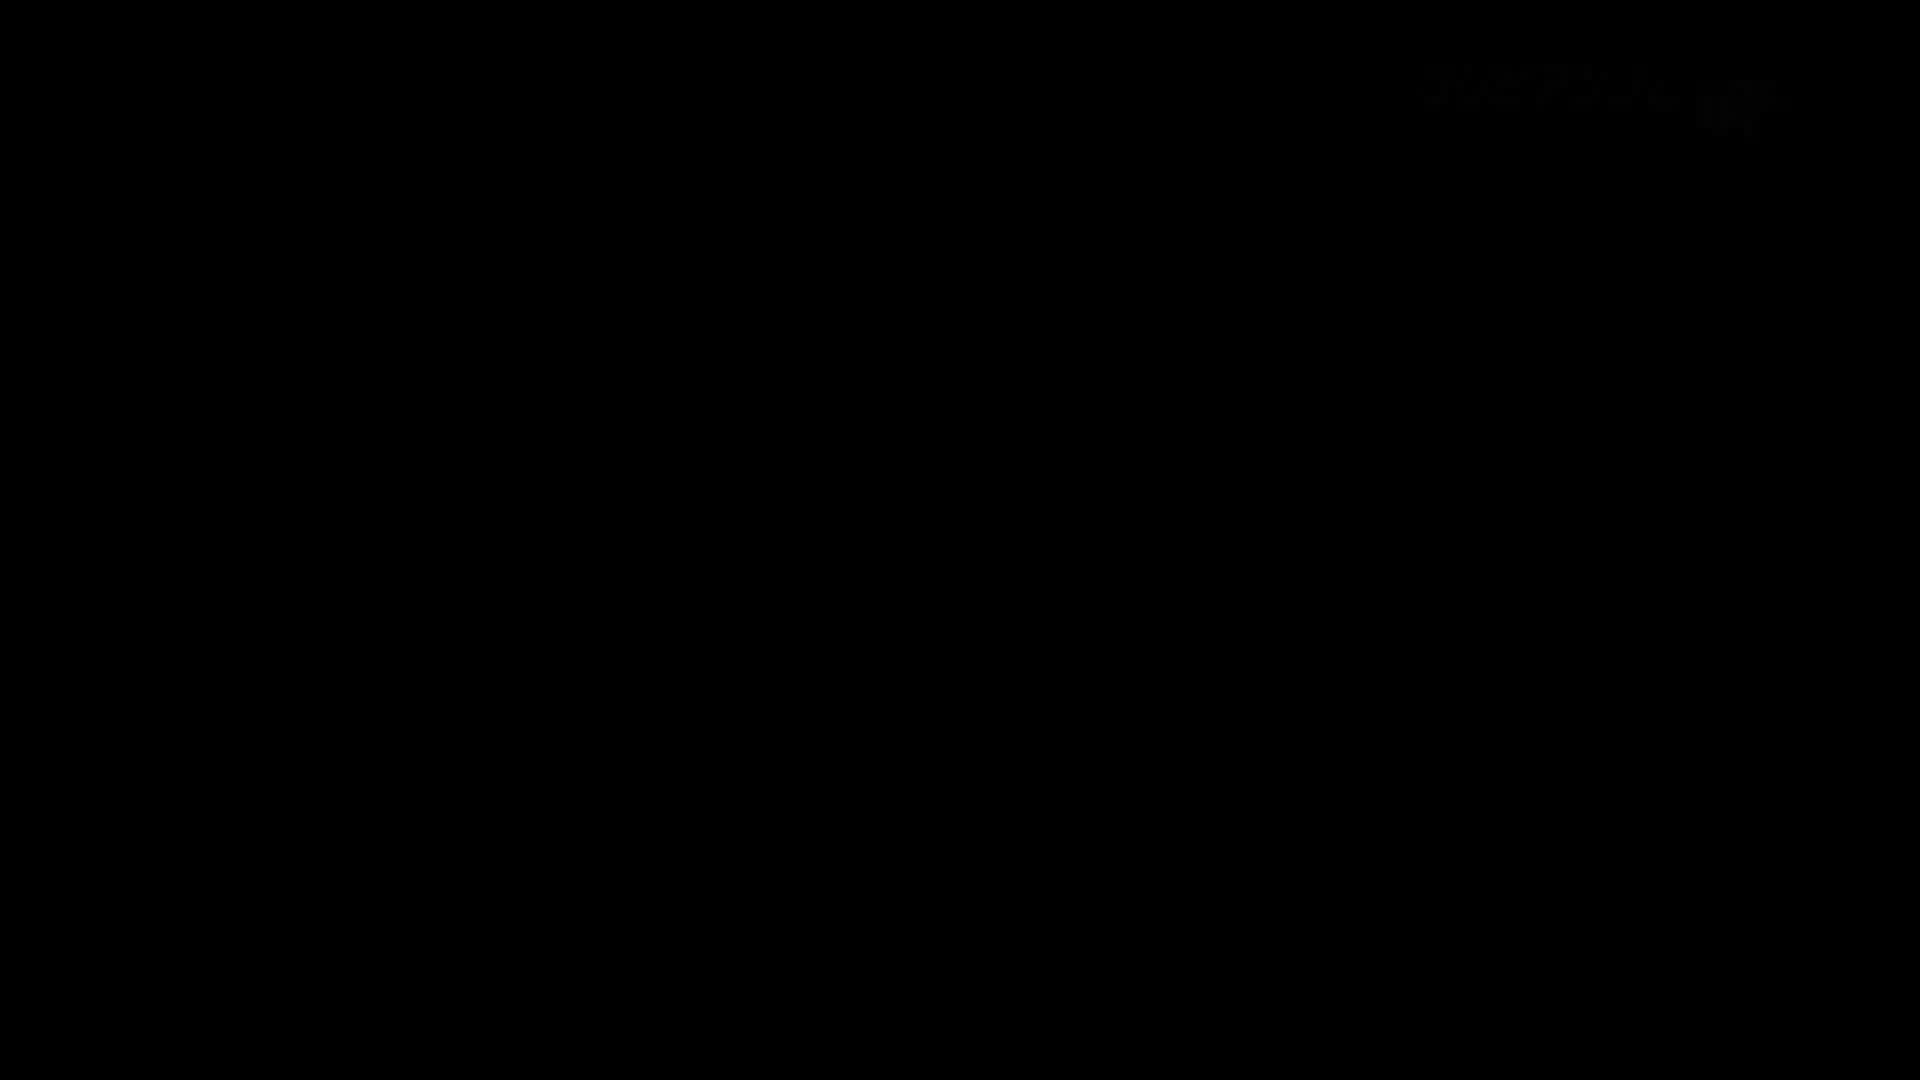 全穴で感じるセックス - 美蘭【ニューハーフ・アナル・乱交】